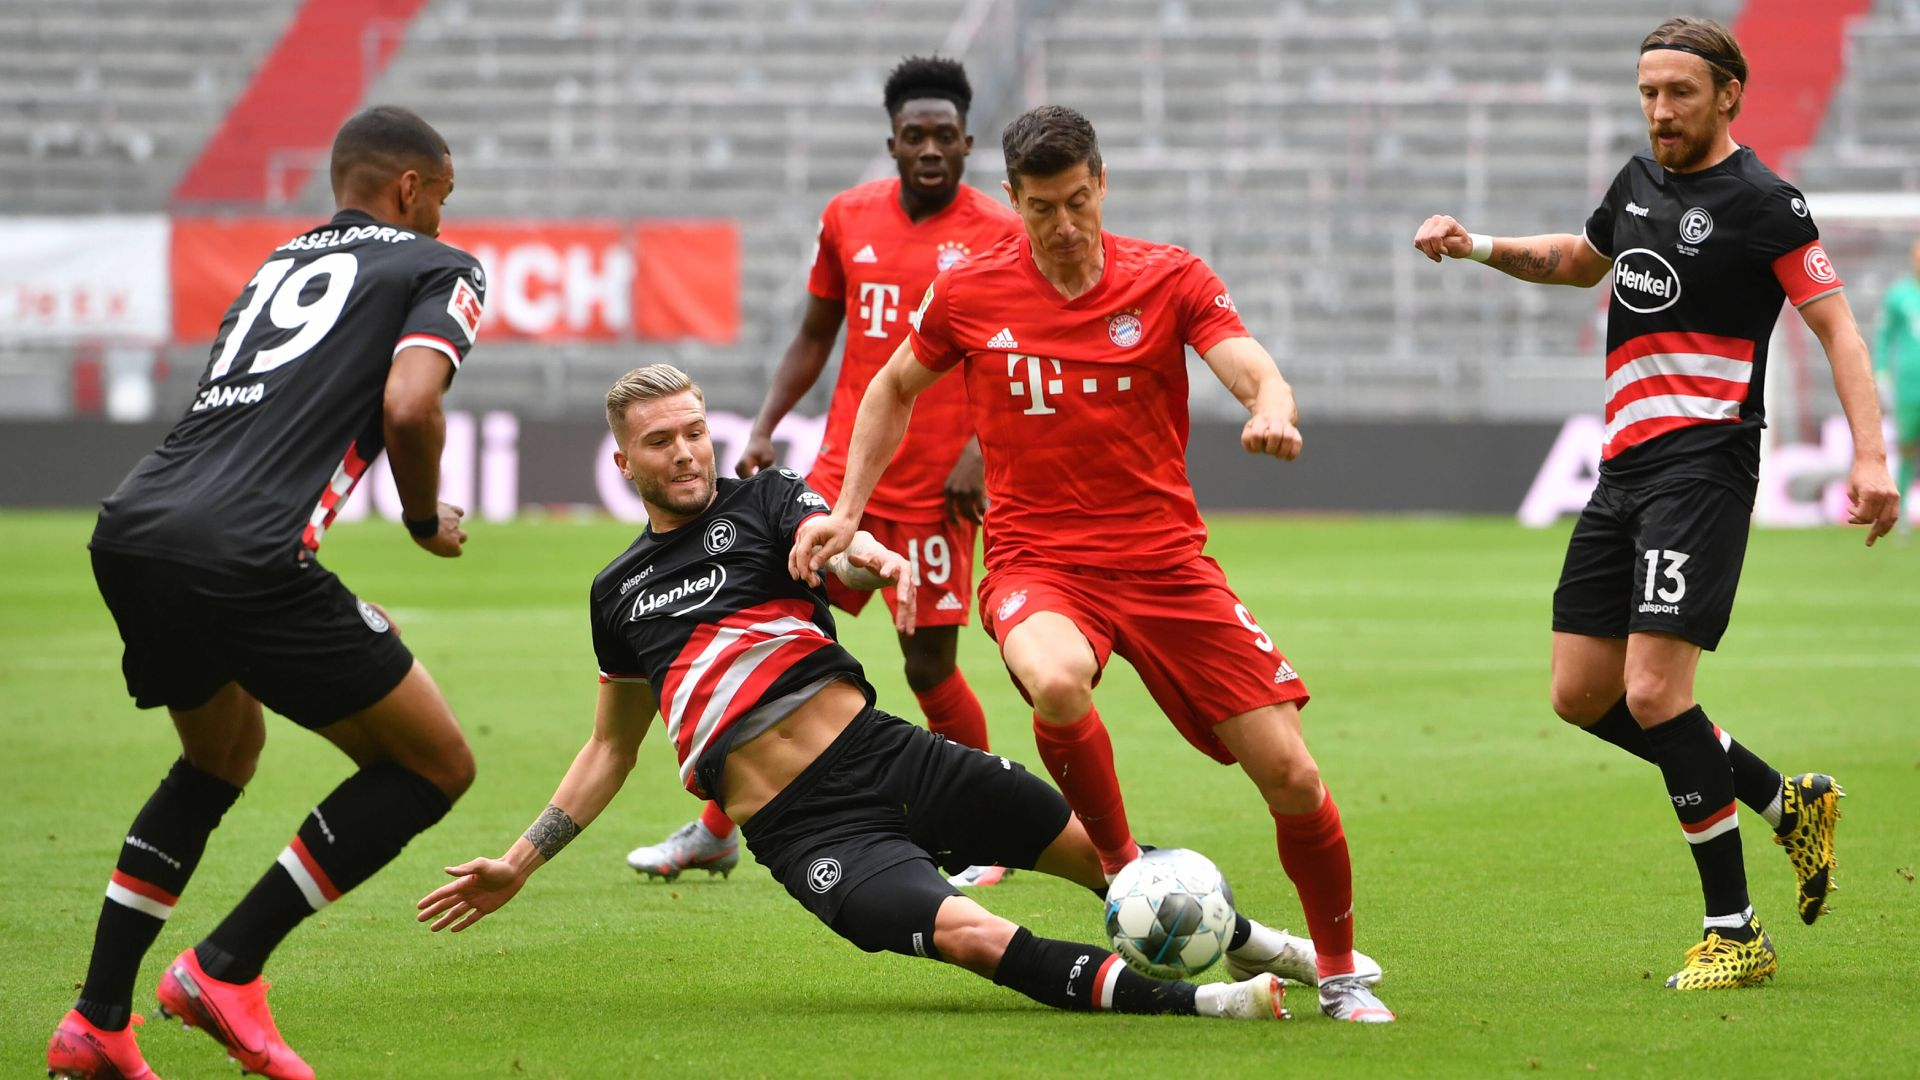 Welche Bundesliga Spiele überträgt Dazn